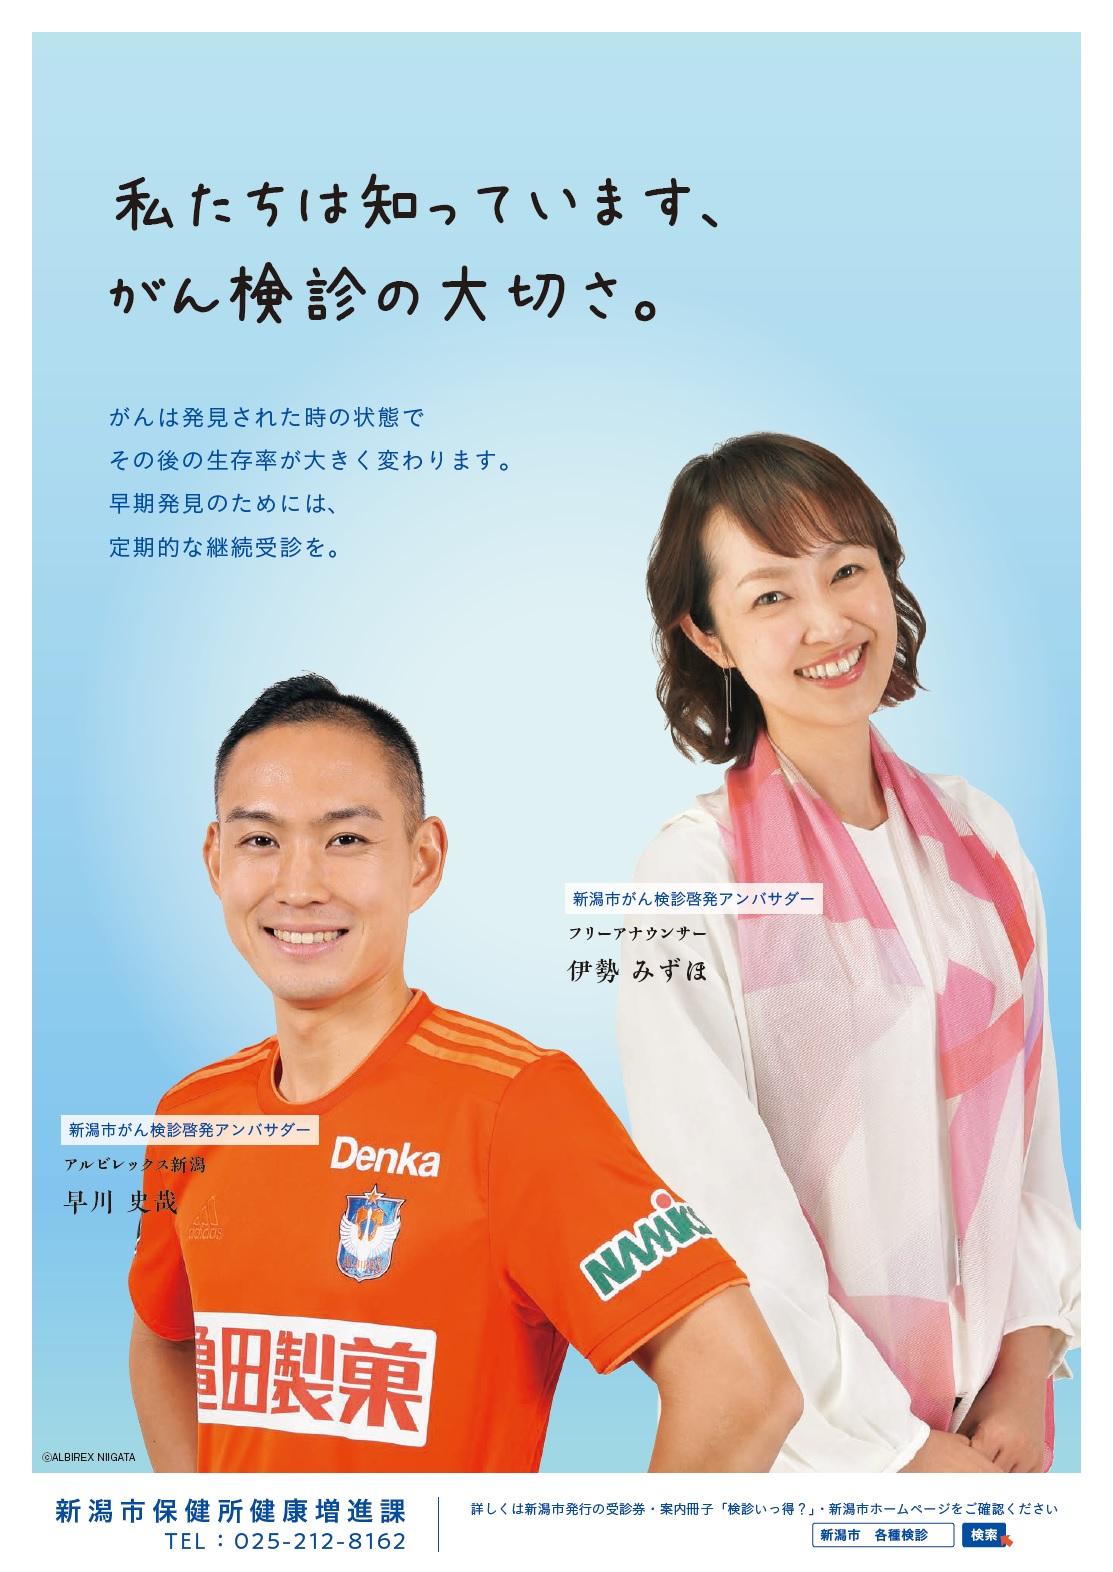 J2新潟DF早川史哉が登場する新潟市の「がん検診啓発ポスター」